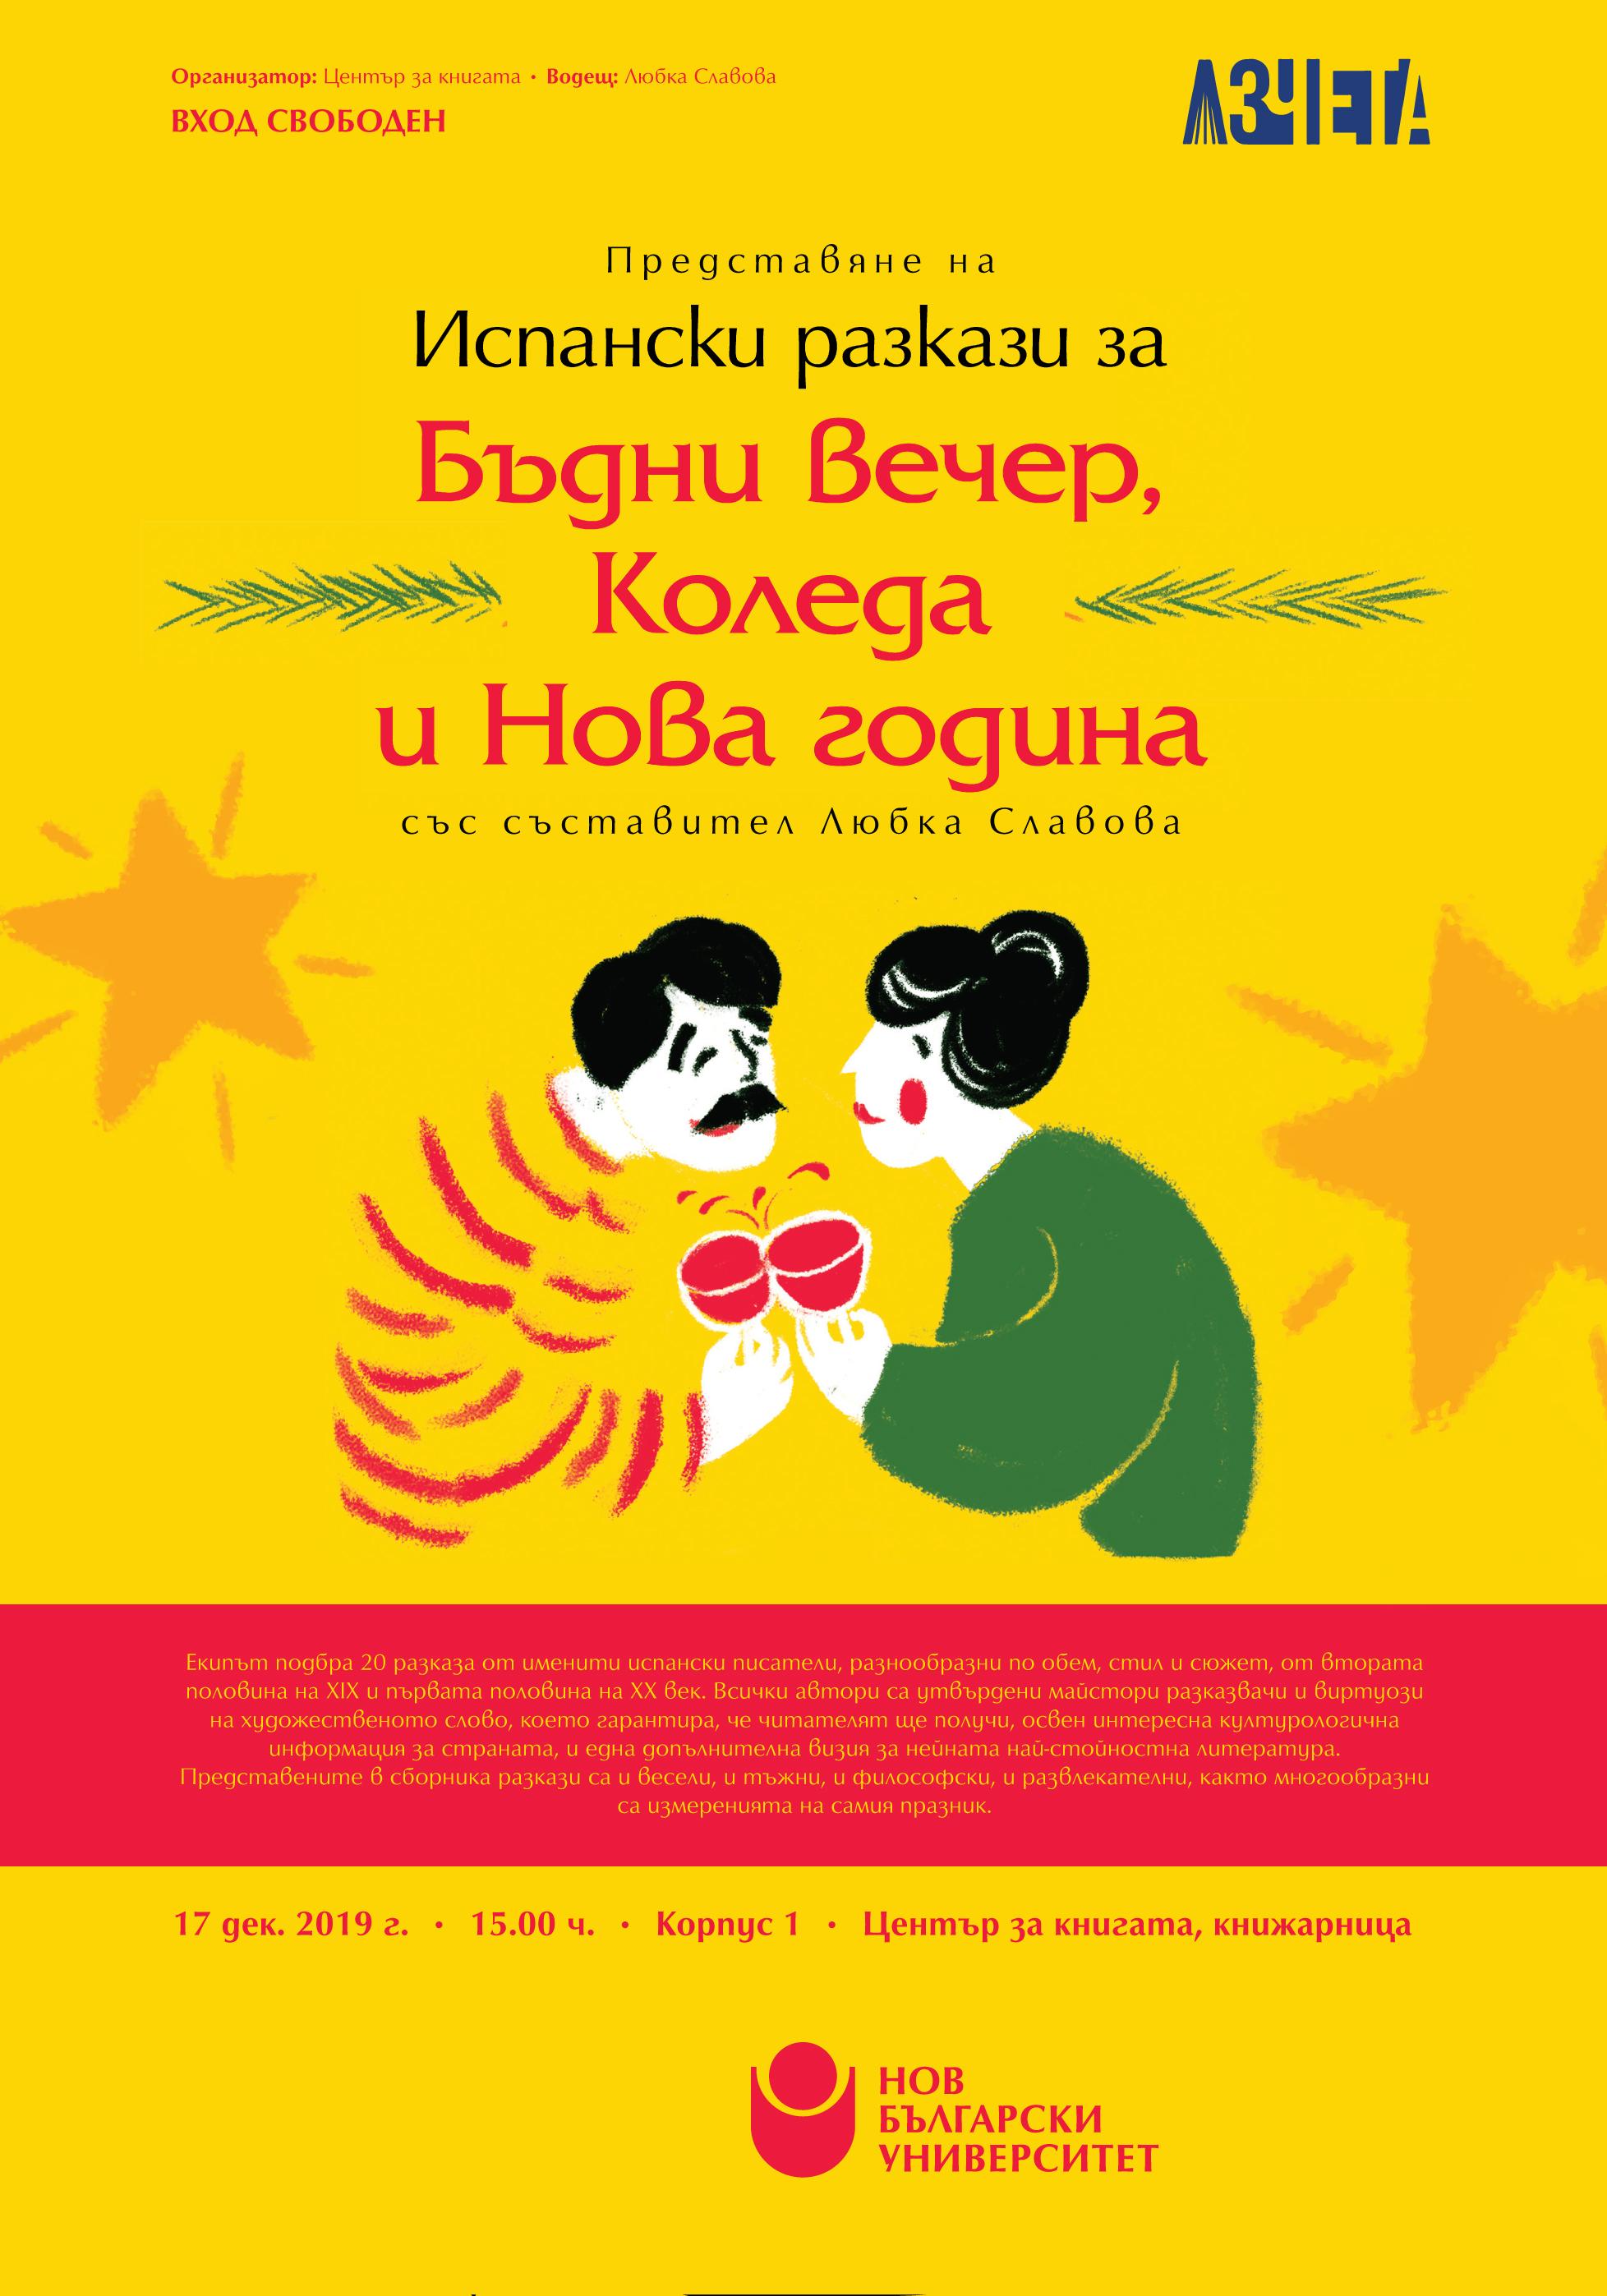 """Представяне на """"Испански разкази за Бъдни вечер, Коледа и Нова година"""""""